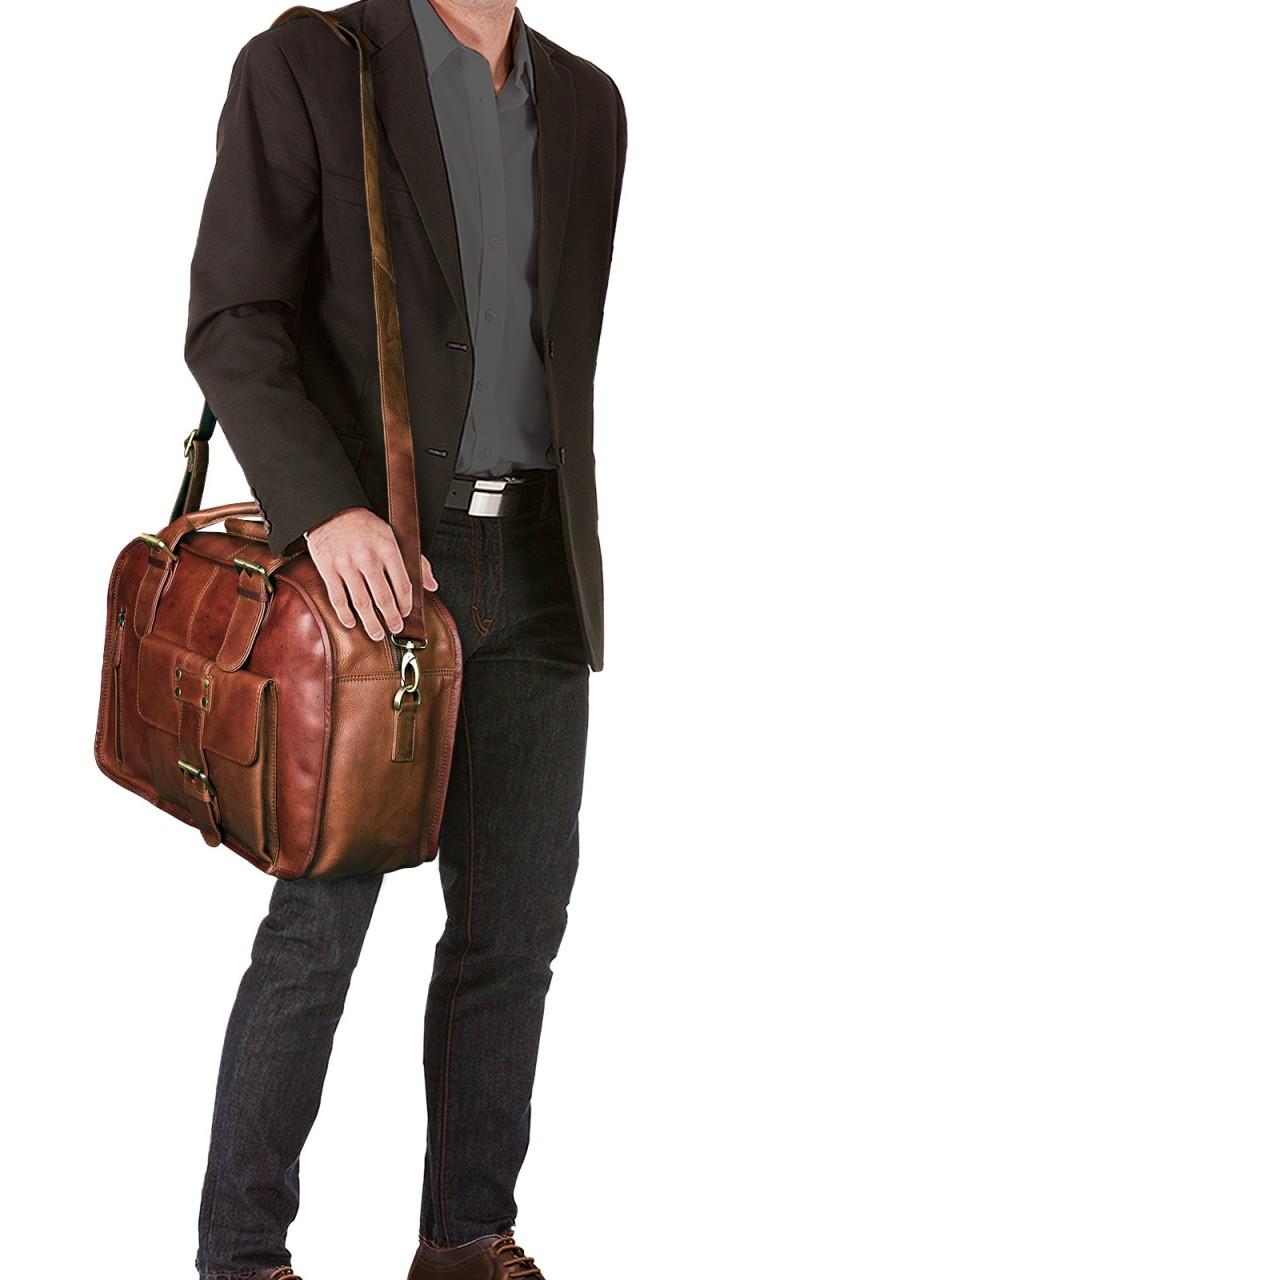 """STILORD """"Dominique"""" Aktentasche Leder Damen Herren Lehrertasche Zwei Aktenordner Business Arbeit Büro Umhängetasche Vintage Leder - Bild 14"""